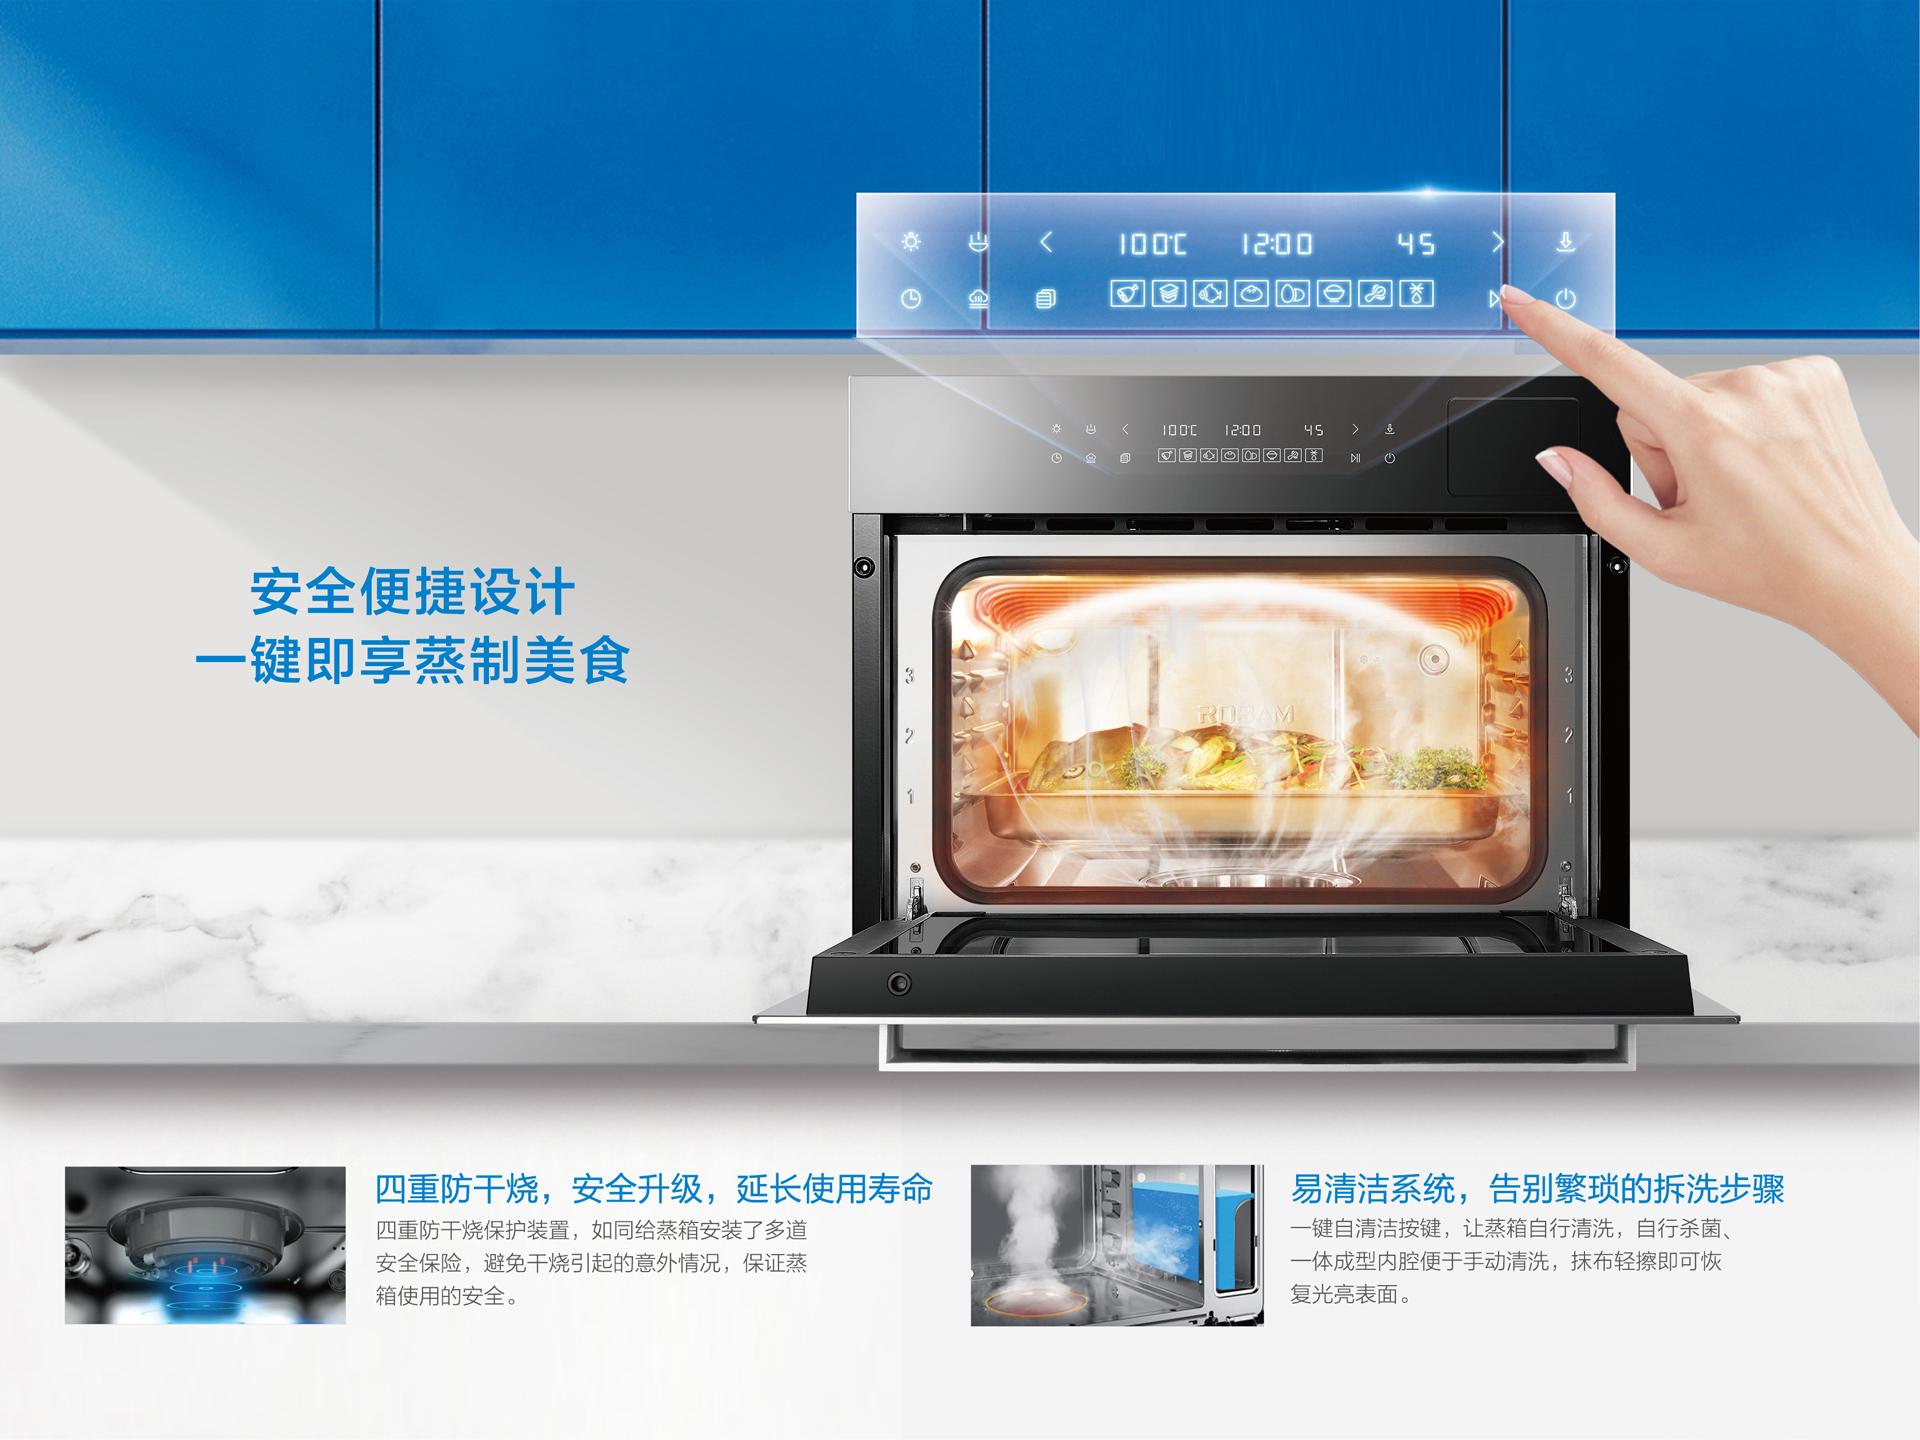 老板电器蒸烤经典系列-SQ229-RQ019册子-内页-5-6_02.jpg